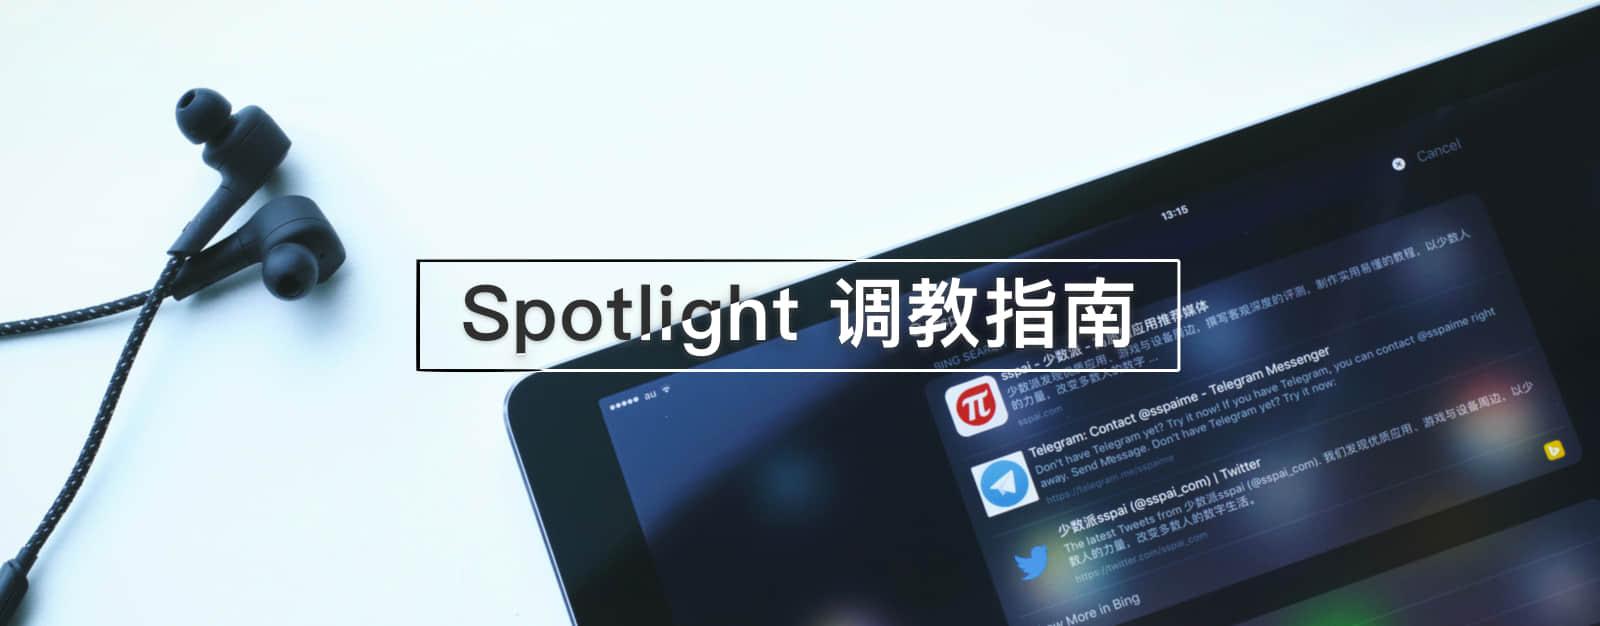 Spotlight 调教指南